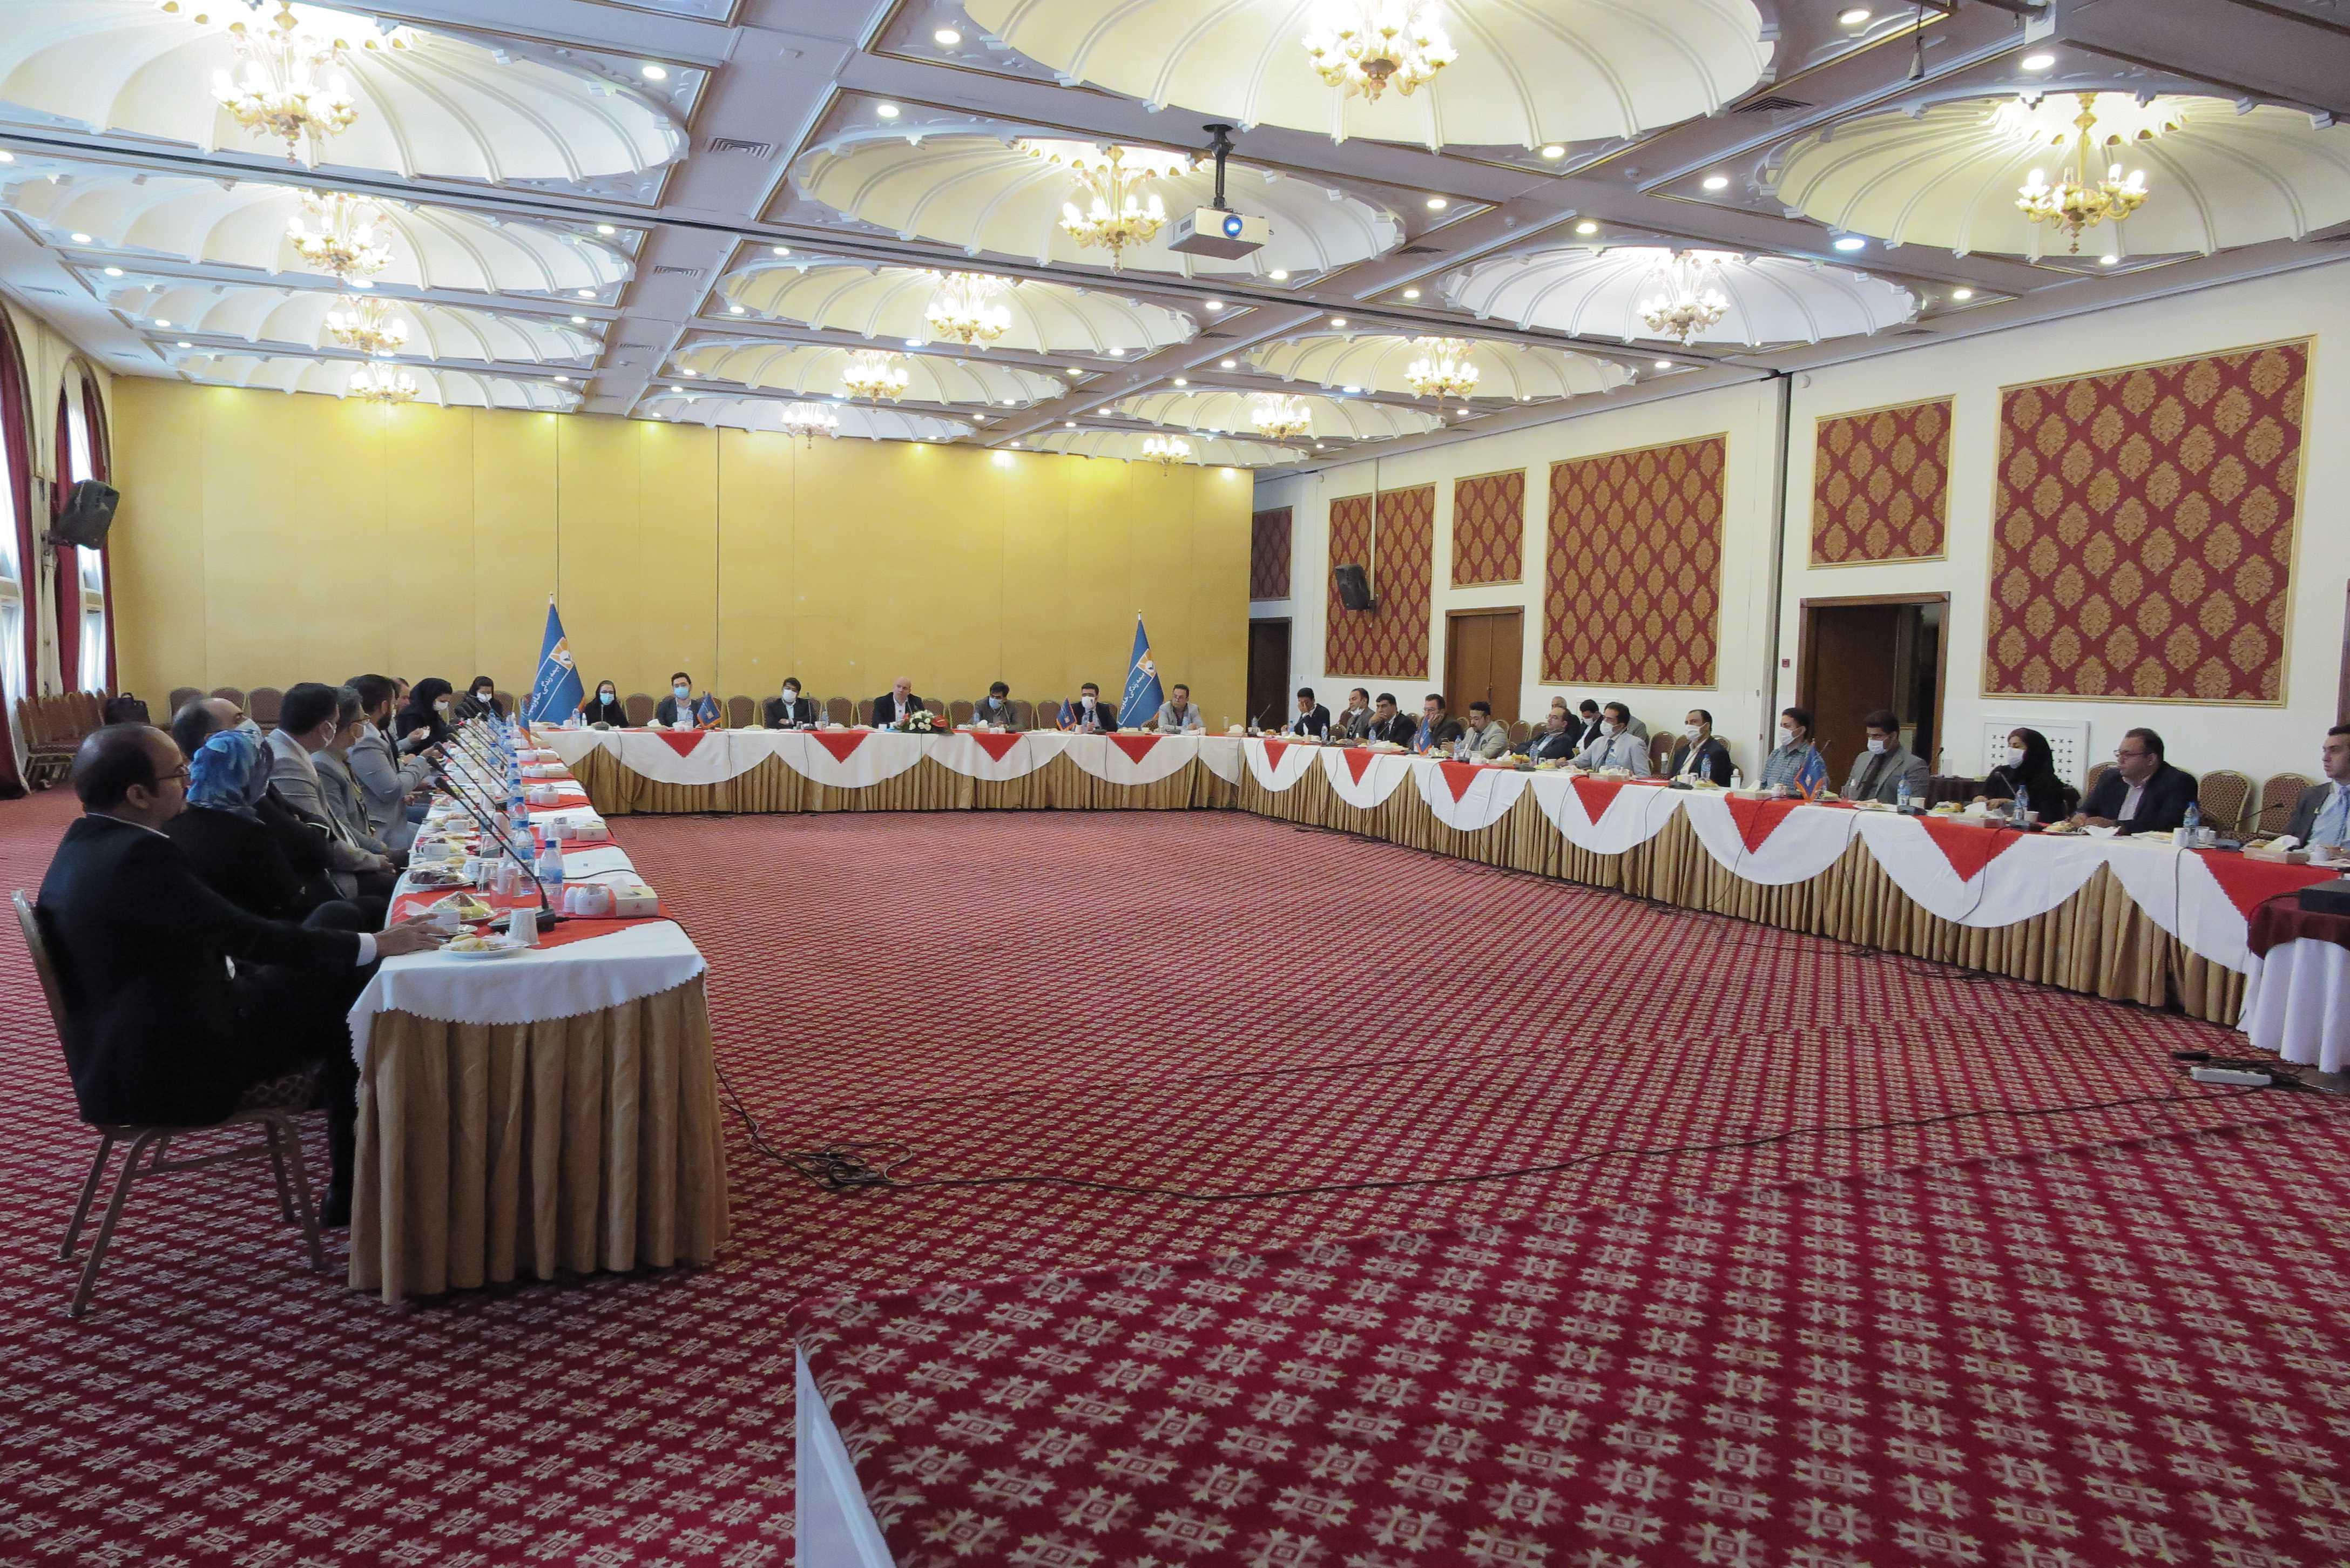 گردهمایی سراسری مدیران ارشد فروش شرکت بیمه زندگی خاورمیانه برگزار شد